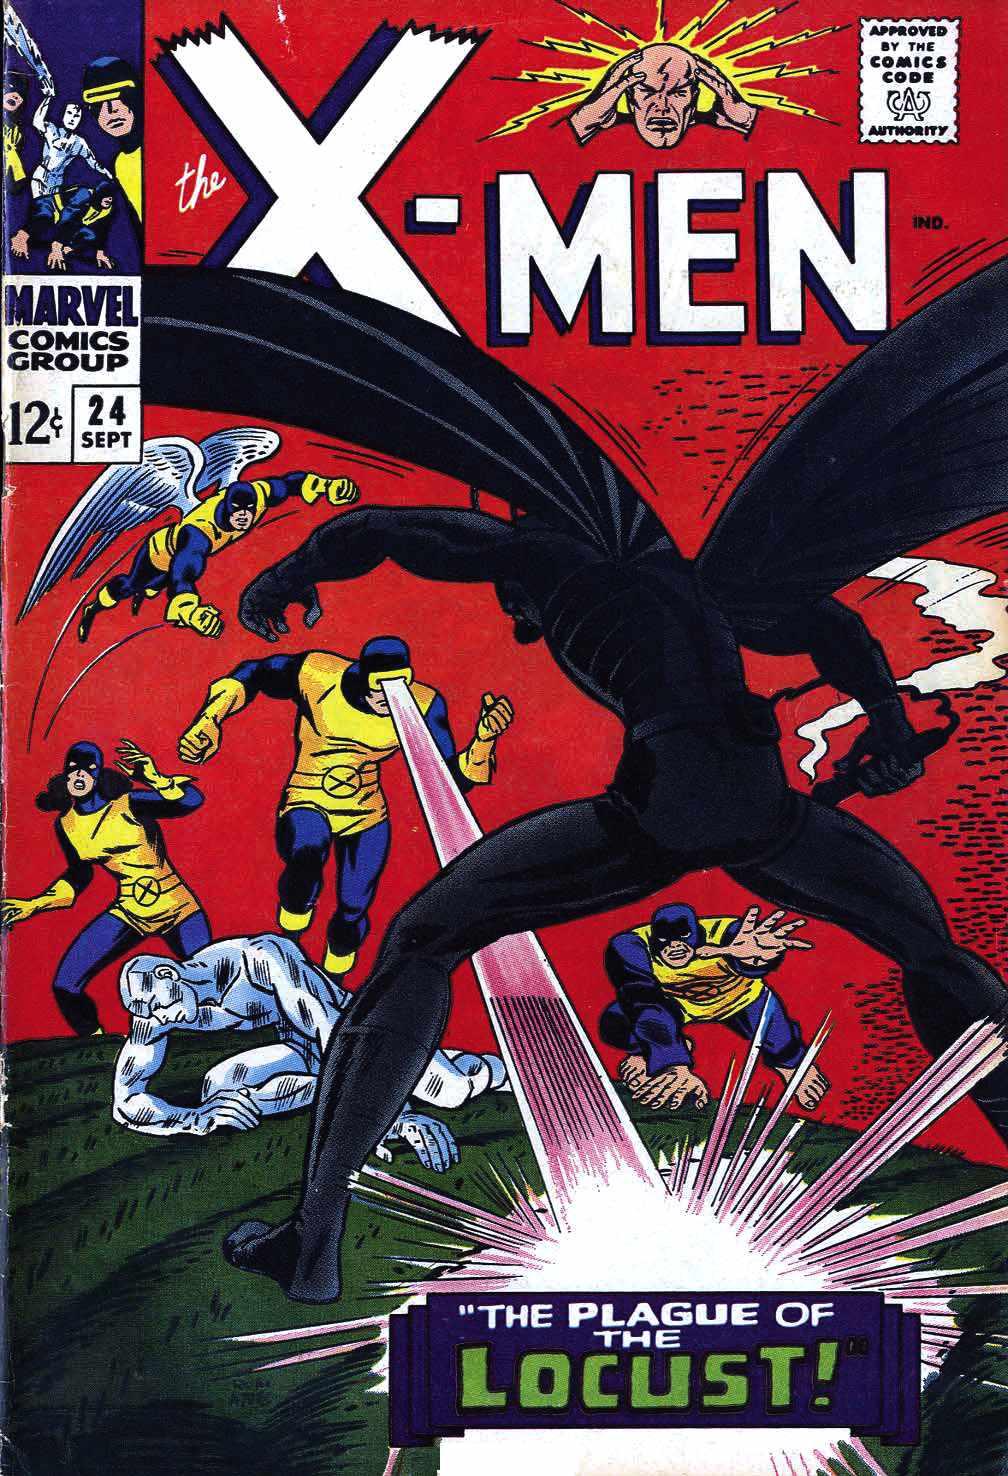 The X-Men Vol.1 #24